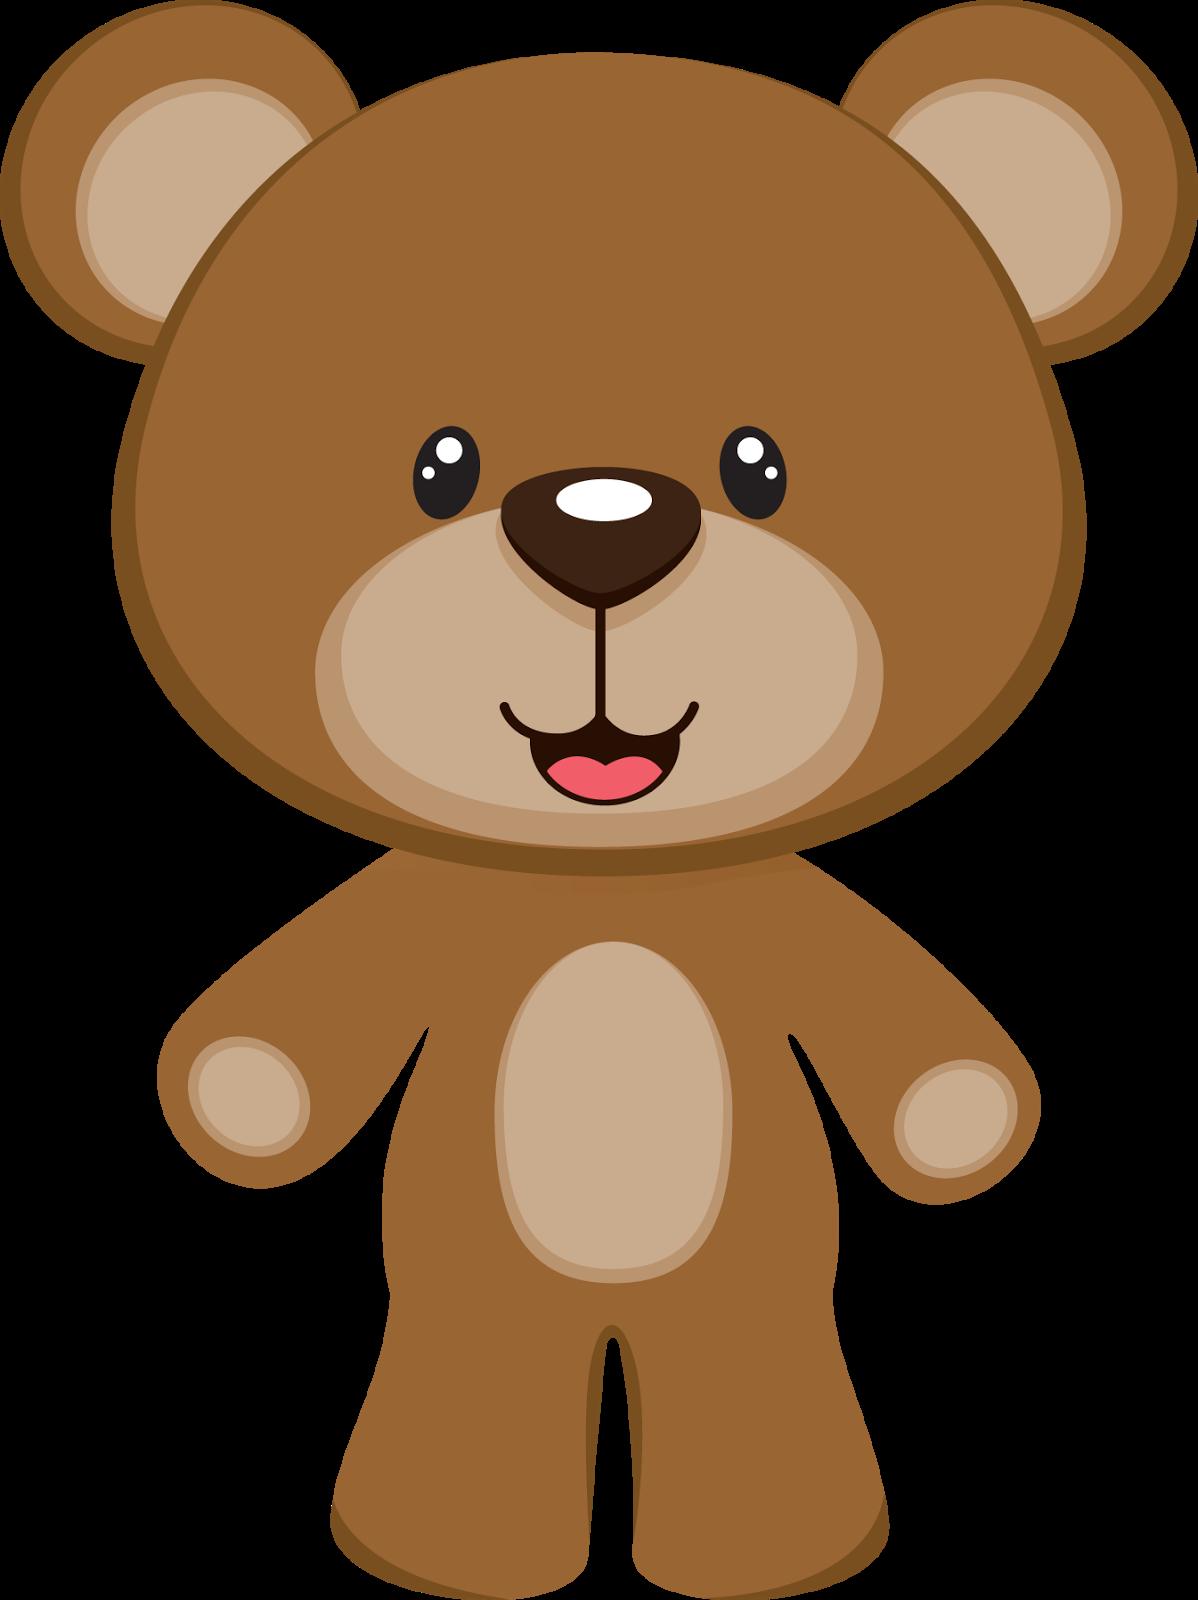 Bebe Ursinho Png ~ Só imagens Ursinho Marrom Chá de bebe Pinterest Ursos marrons, Marrom e Rosas